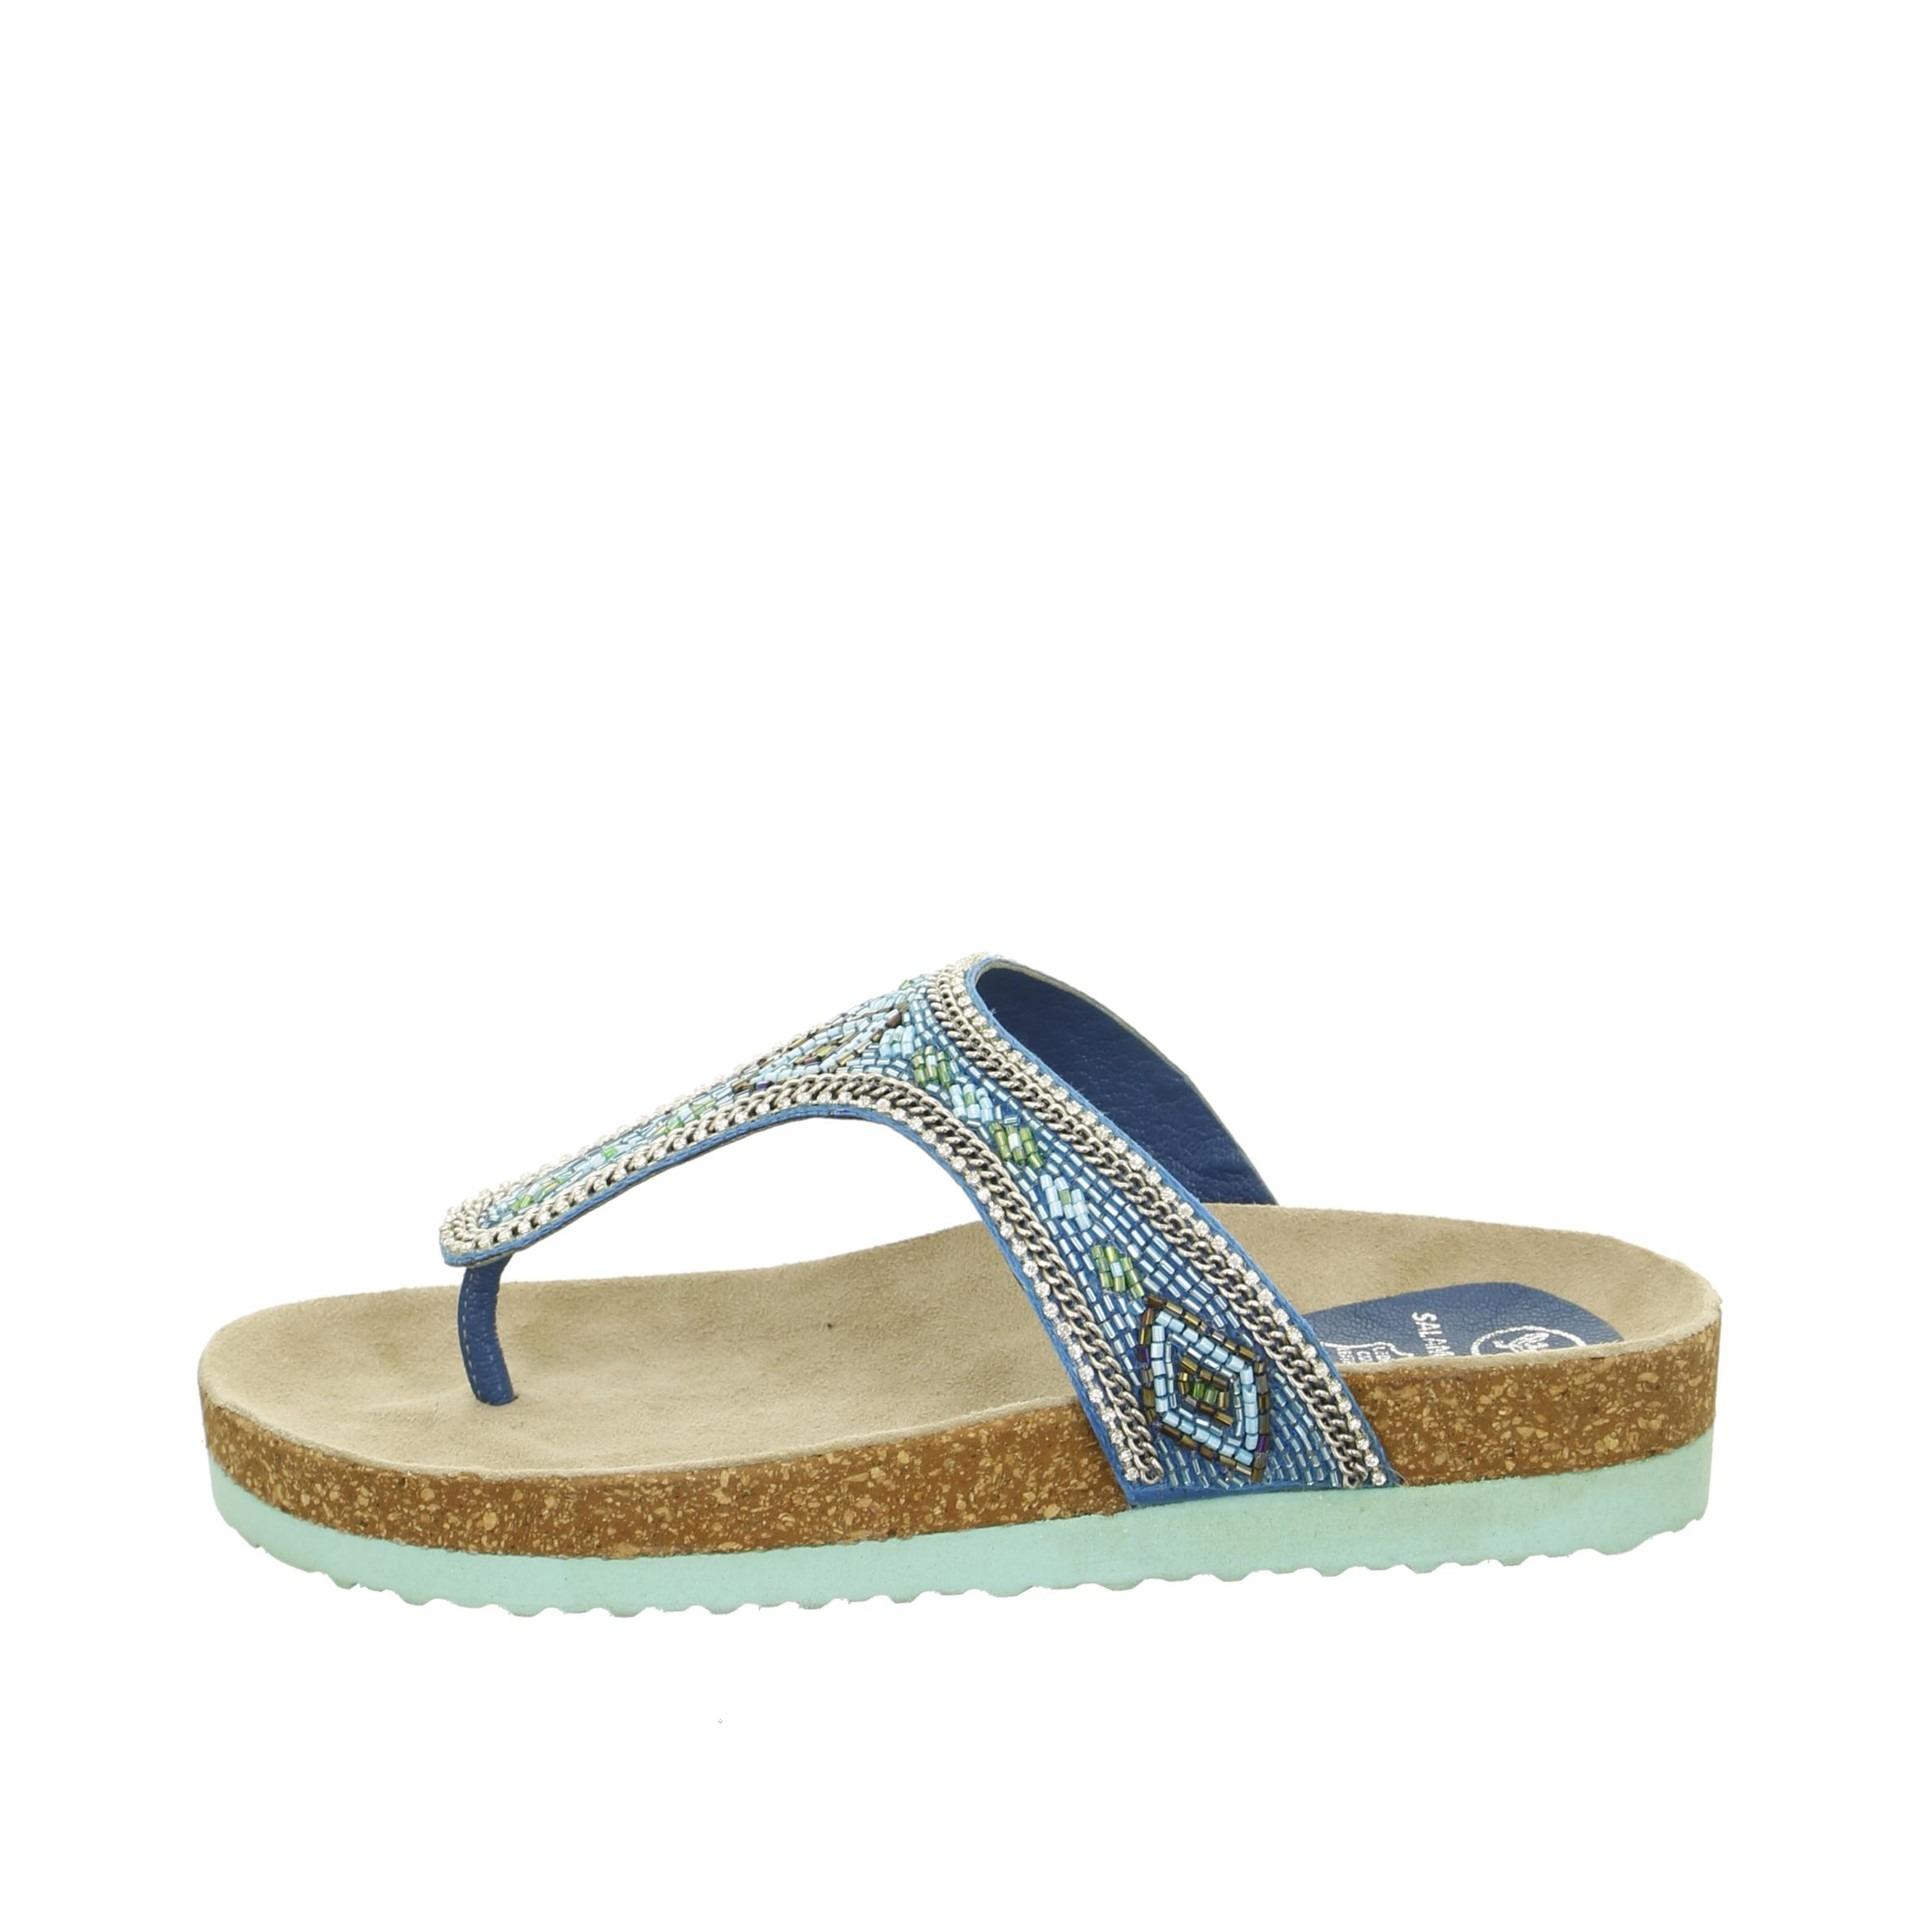 Soňa - Dámska obuv - Šľapky - Tyrkysové dámske šľapky so zdobením 2bb45040a1